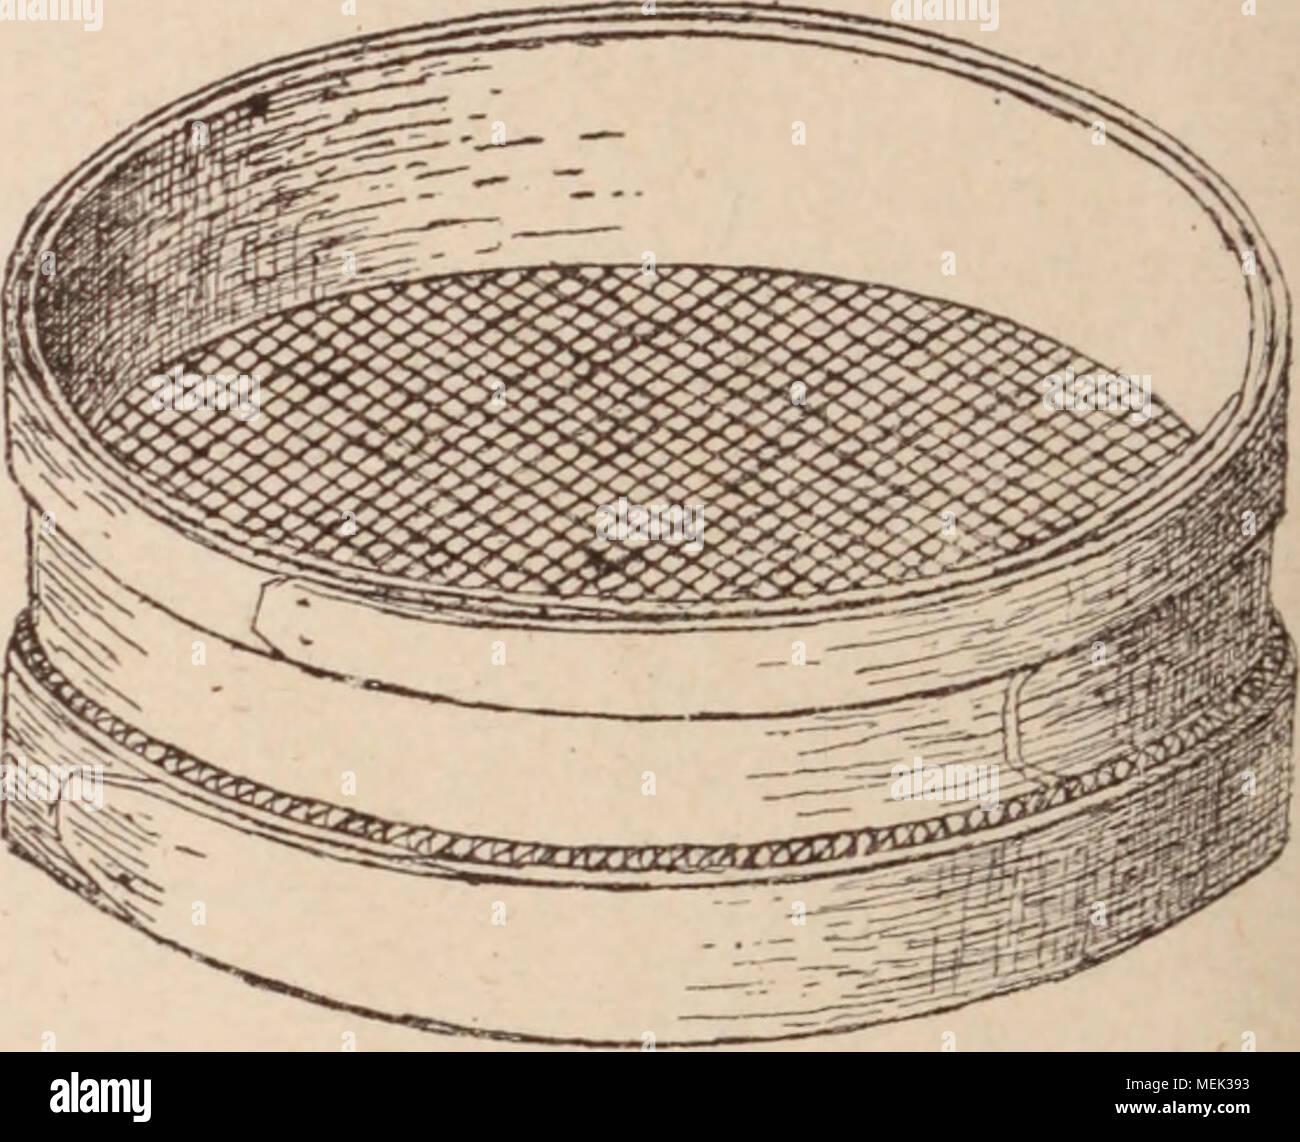 . Dictionnaire d'horticulture illustré / par D. Bois  préface de Maxime Cornu  avec la collaboration de E. André ... [et al.]. . Fig. 275. â Crible à grosses mailles. Les C. destinés au nettoyage des graines sont dépourvus de poignées et ont généralement leurs bords en bois mince et leur fond en peau percée de trous ou en treillis de fil de fer ou de cuivre à mailles plus ou moins larges. Quelque- fois ils sont entièrement en tôle de fer. Stock Photo